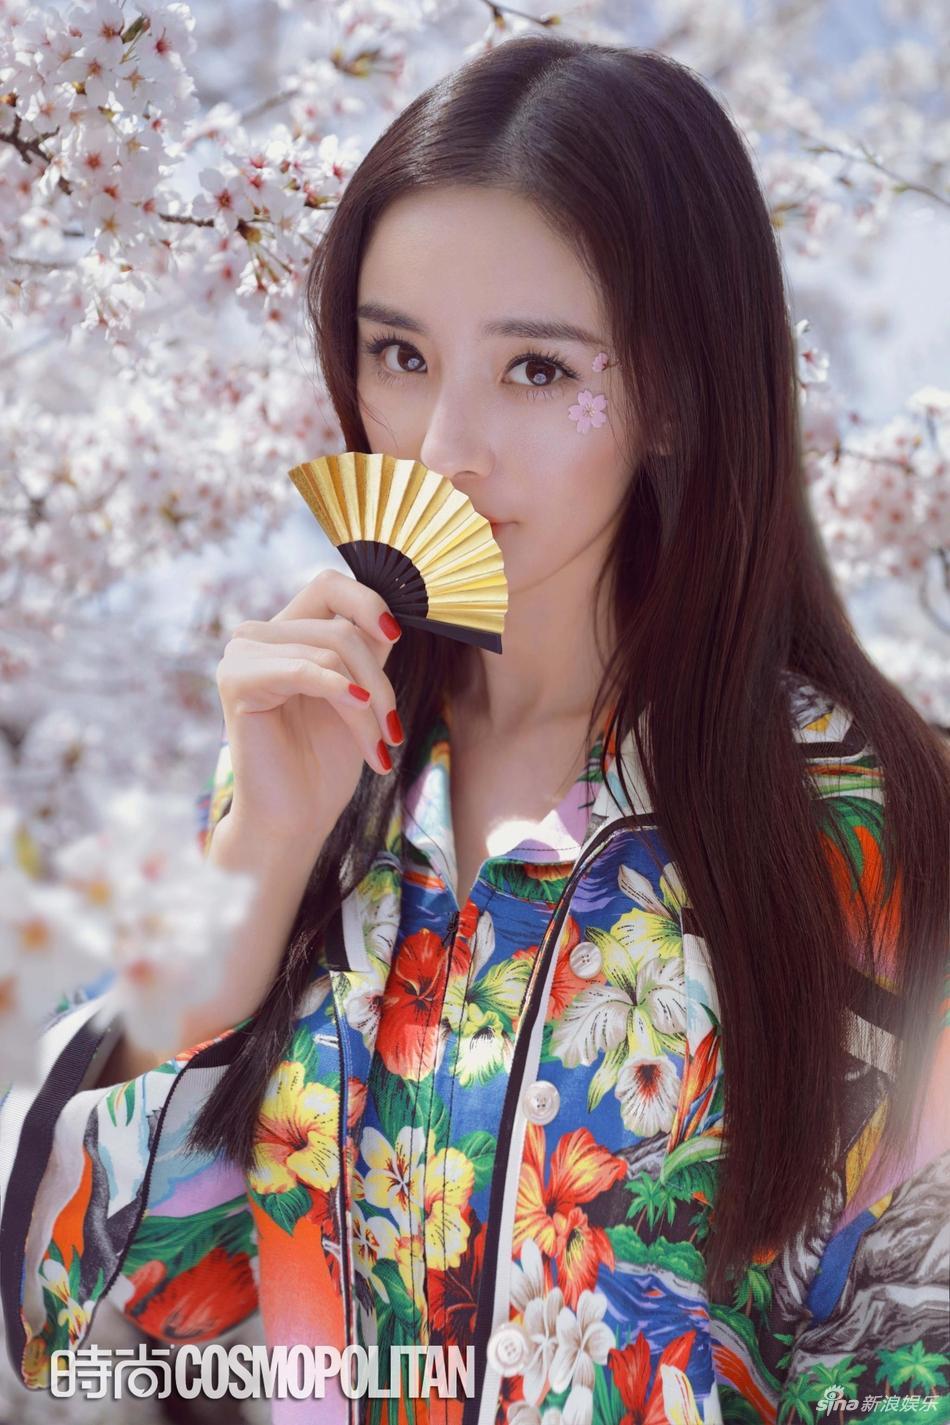 Lựa chọn phong cách cổ điển, trang điểm nhẹ nhàng, nữ diễn viên như hóa thân thành nhân vật manga khoe sắc bên hoa anh đào ở đất nước mặt trời mọc.